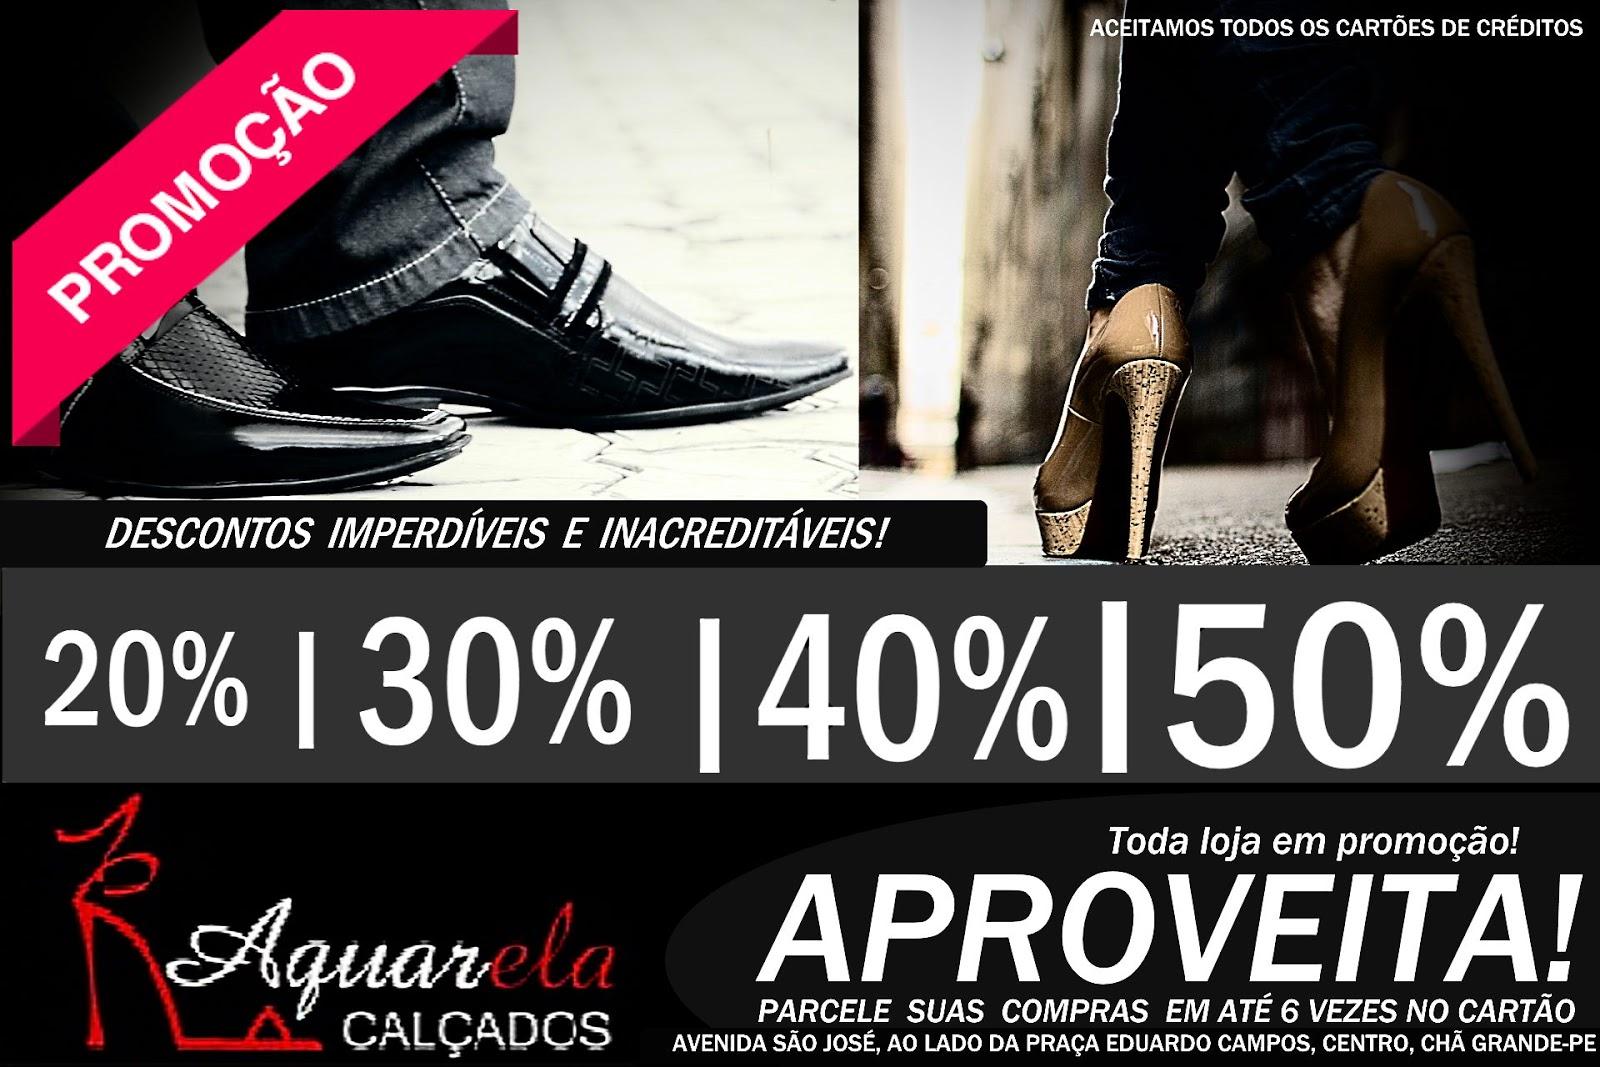 Chã Grande  Aquarela Calçados lança promoção com até 50% de desconto em  toda loja 63ce0291dc02e